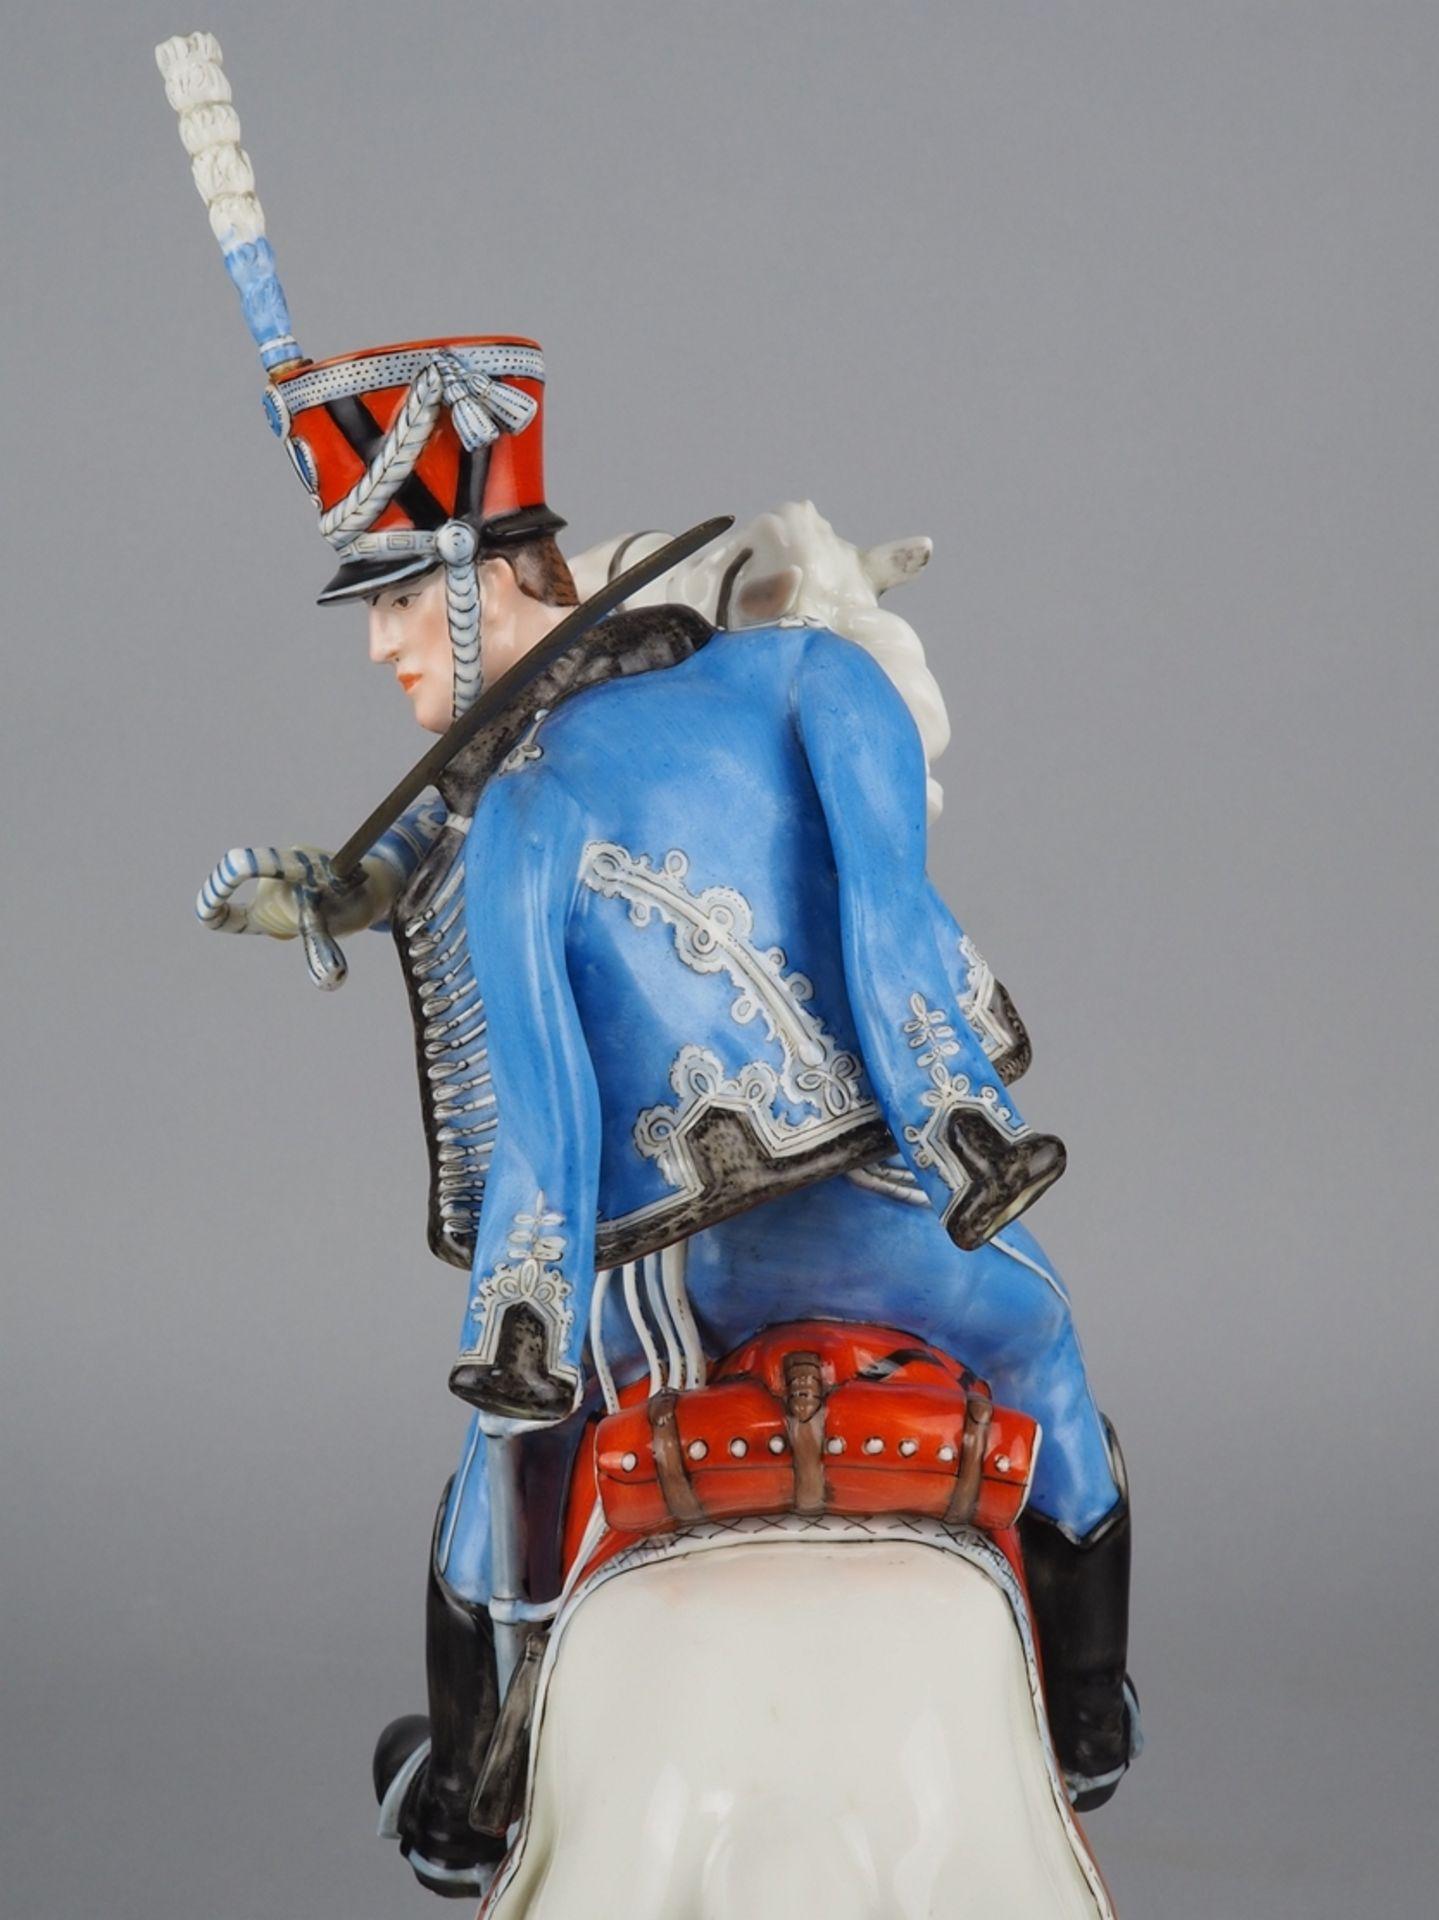 Nymphenburg Porcelain Manufactory: Officer of the 2nd Royal Bavarian Hussar Regiment on horseback. - Image 3 of 8